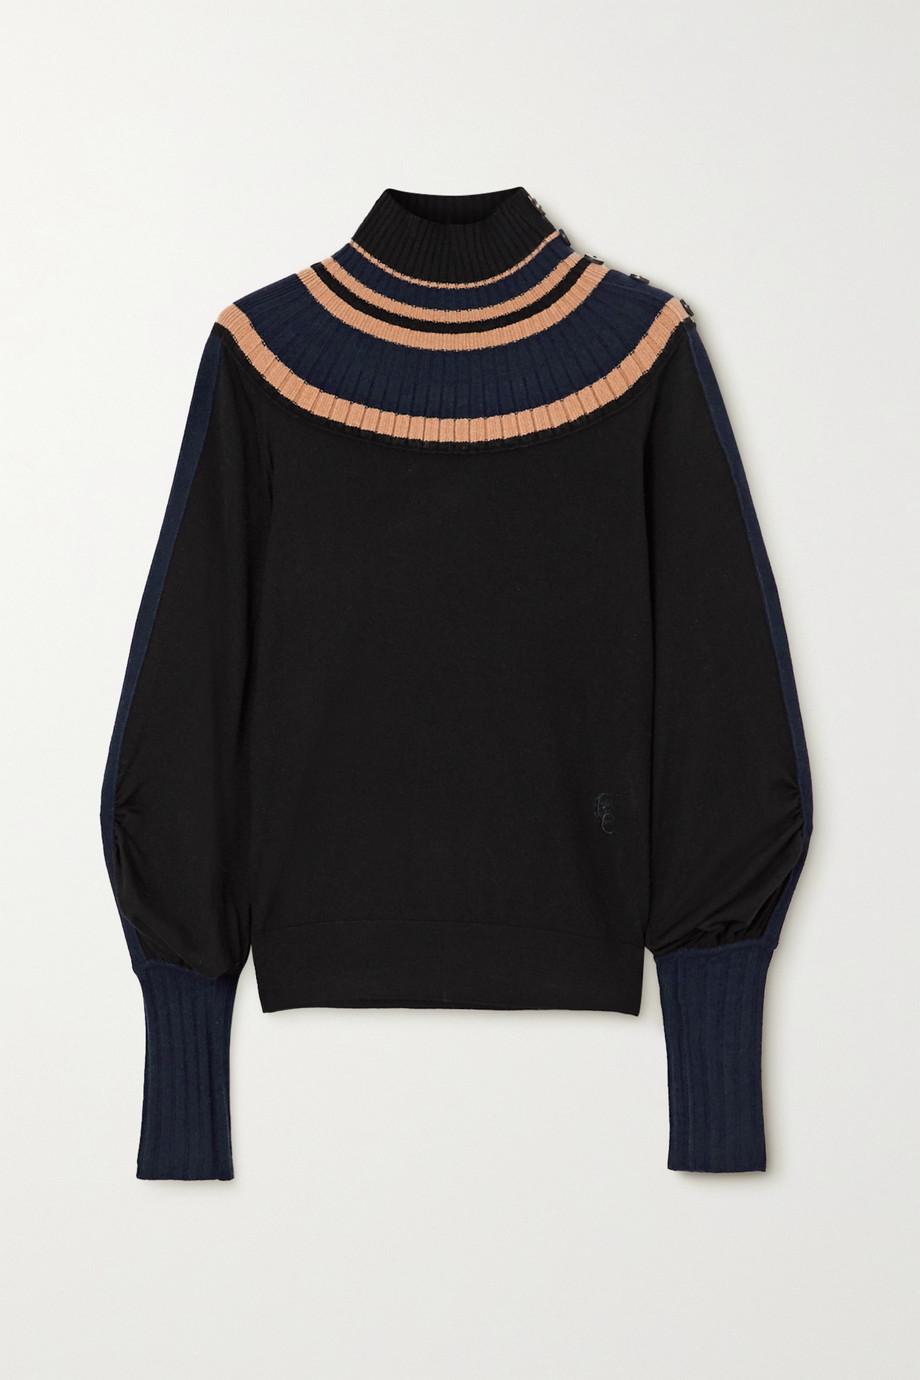 Chloé Gestreifter Pullover aus gerippter Wolle mit Stehkragen